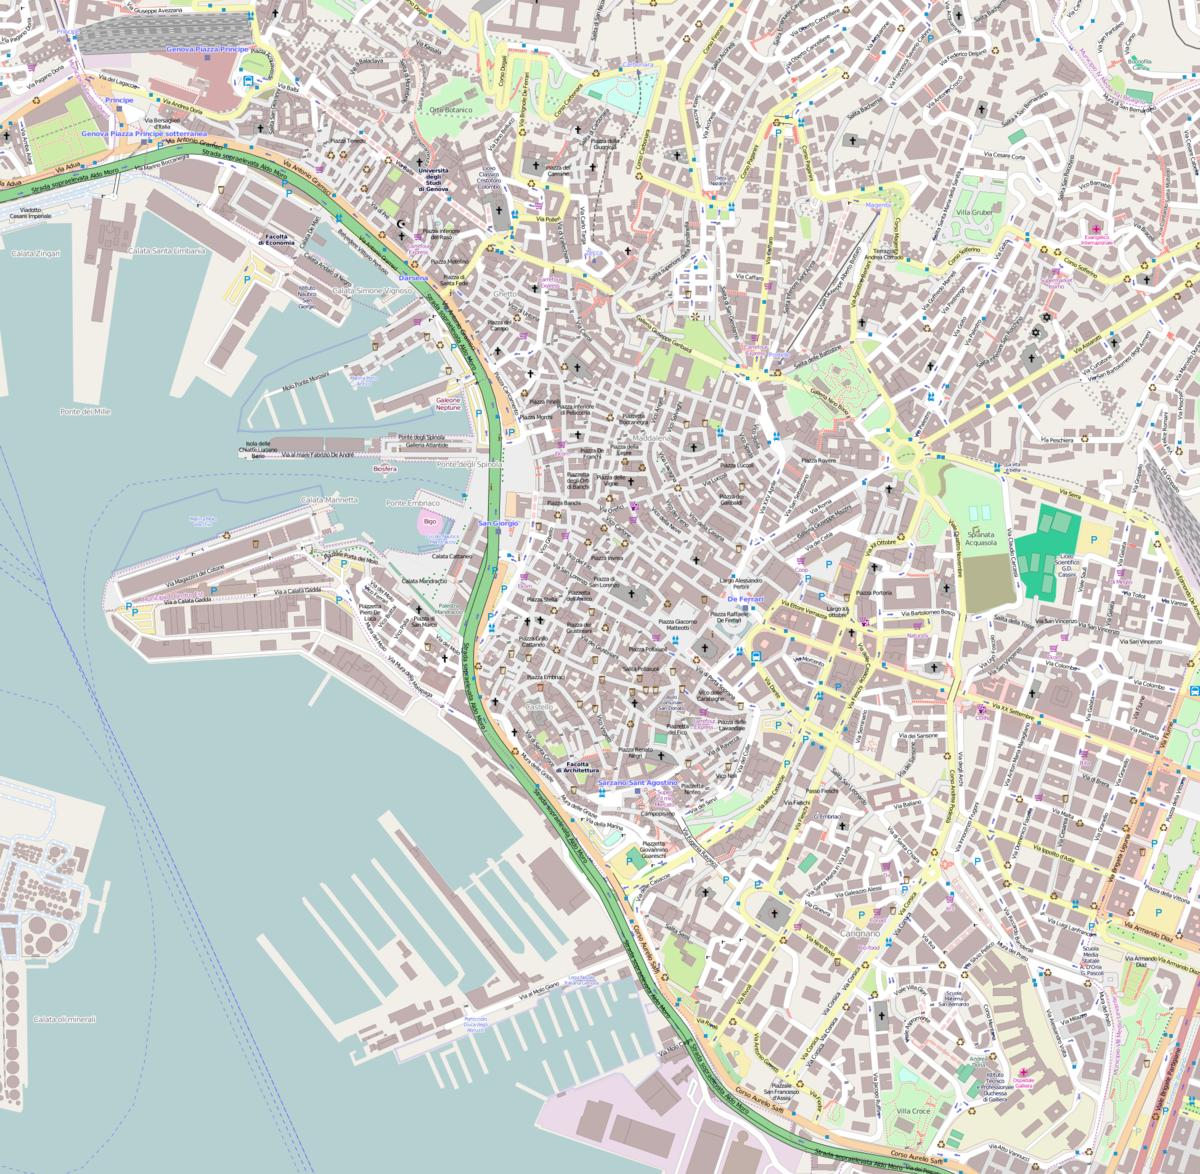 Centro Storico Cartina Geografica Roma.Centro Storico Di Genova Wikipedia